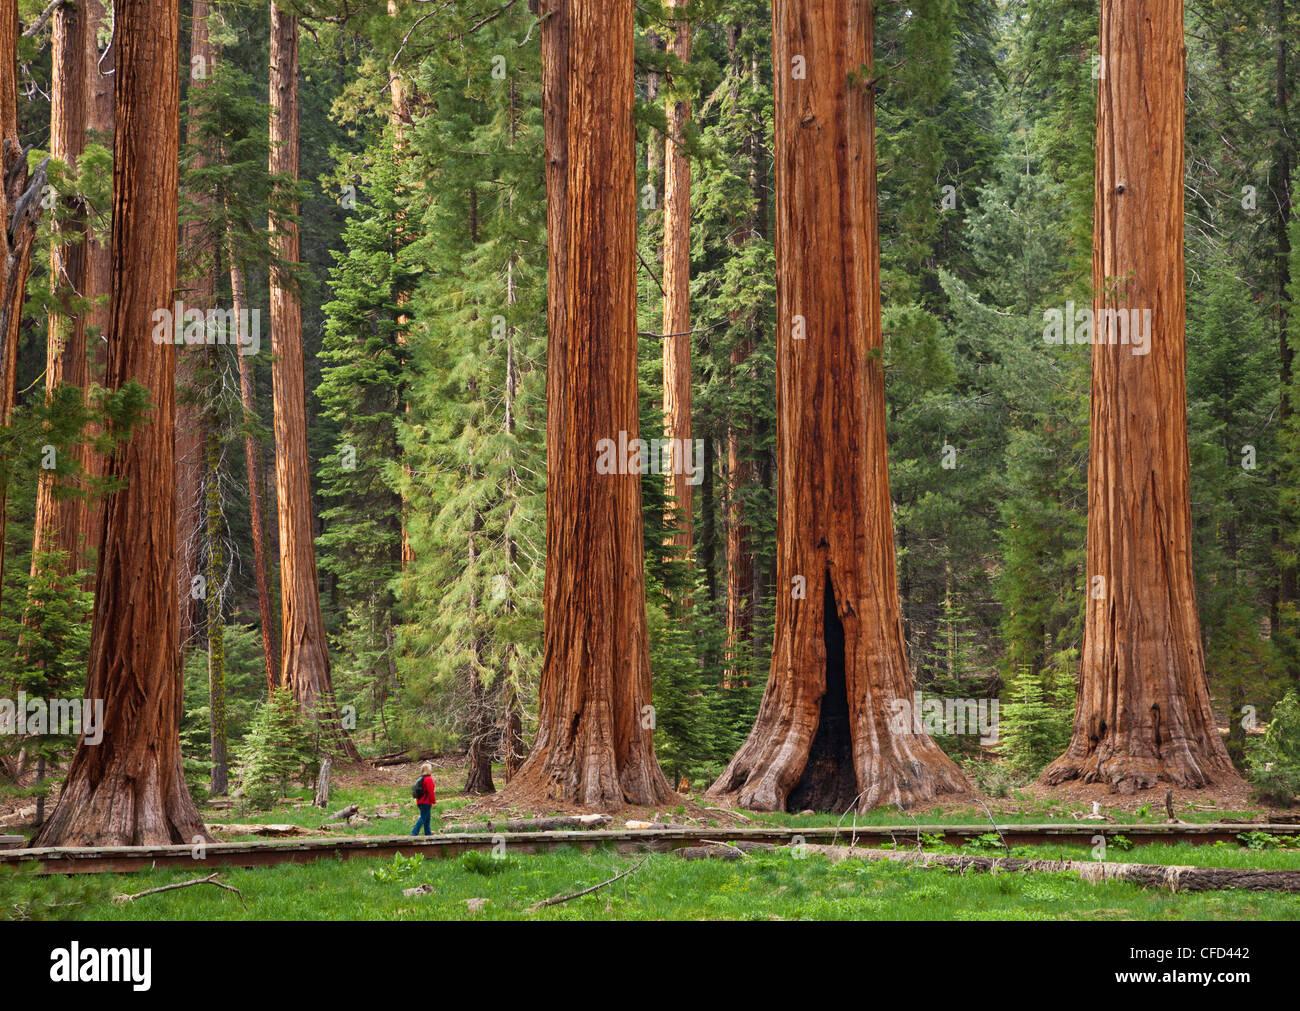 Tourist admiring the Giant Sequoia trees (Sequoiadendron giganteum), Sequoia National Park, Sierra Nevada, California, - Stock Image